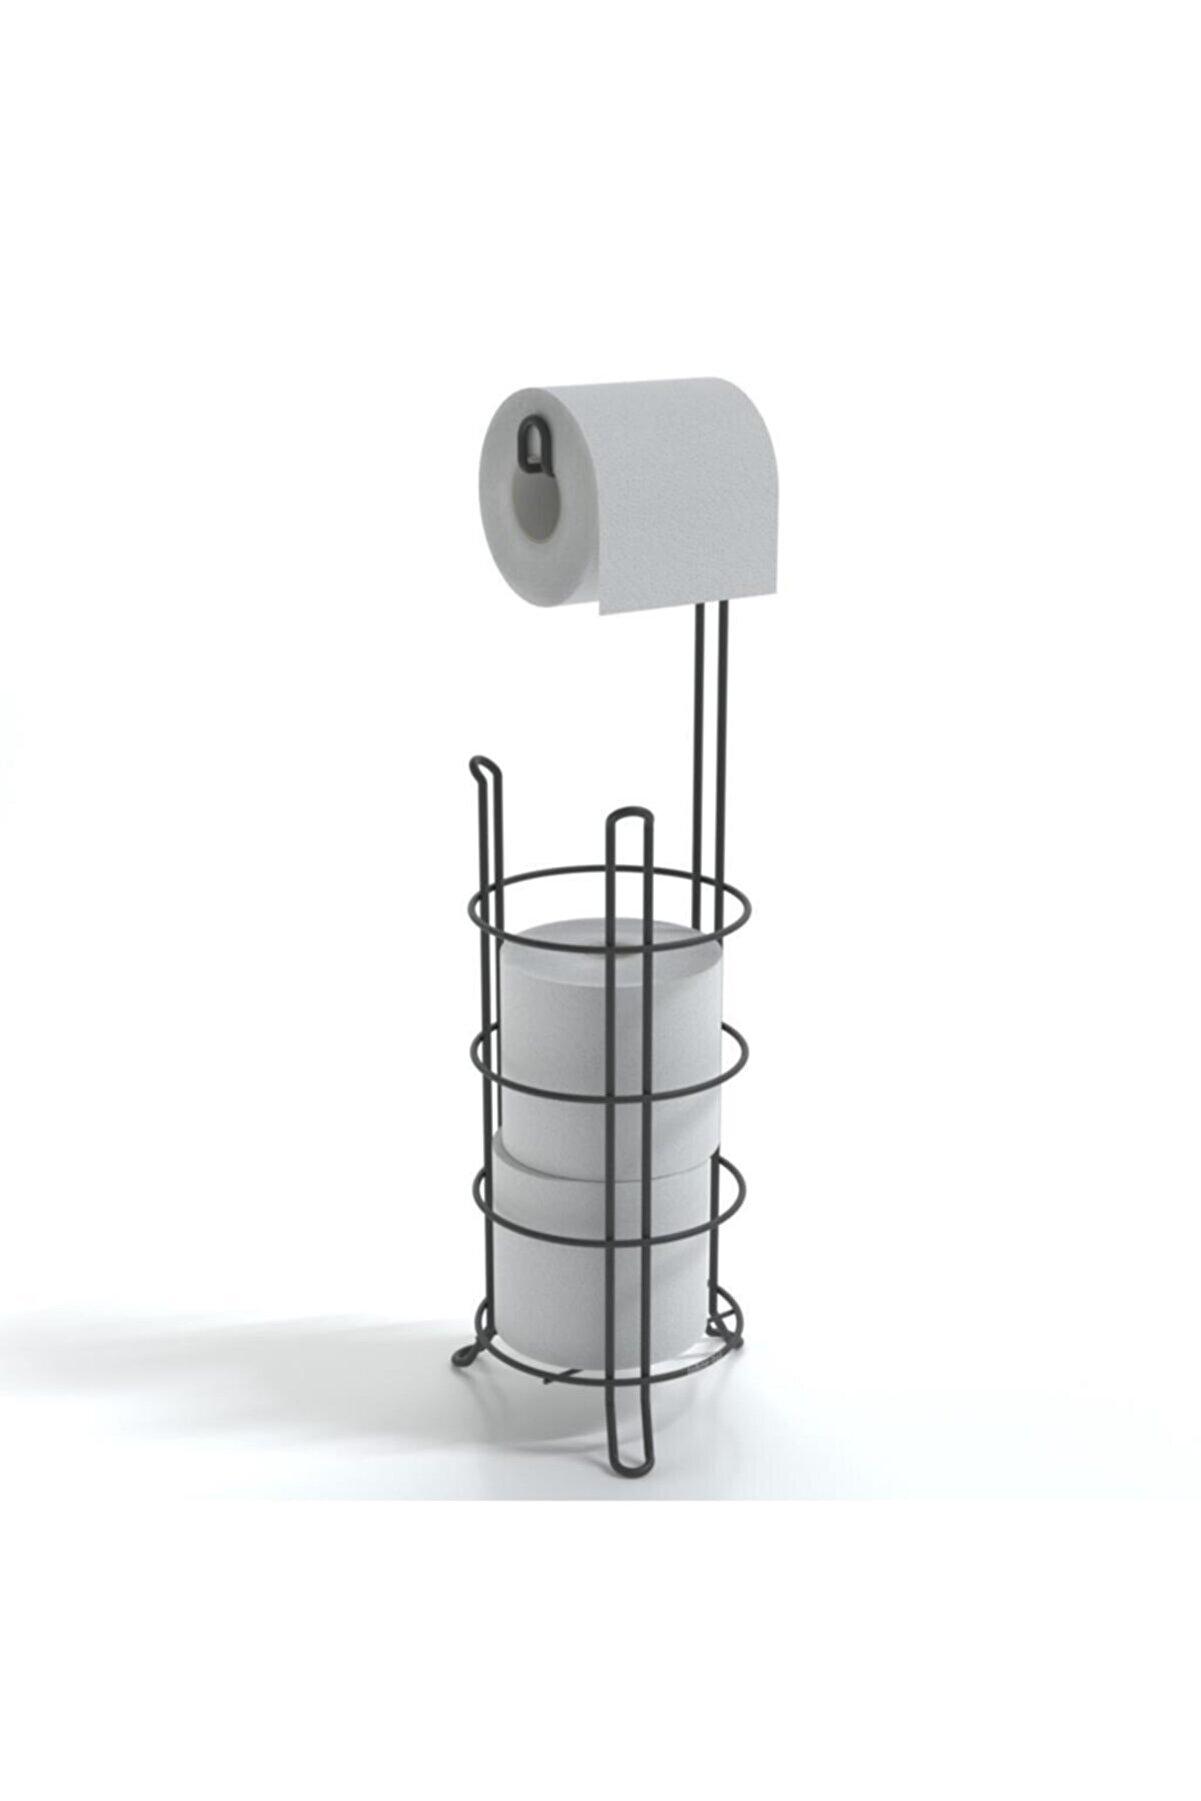 Teknotel Ayaklı Yedekli Wc Tuvalet Kağıtlık Mat Siyah Mg093